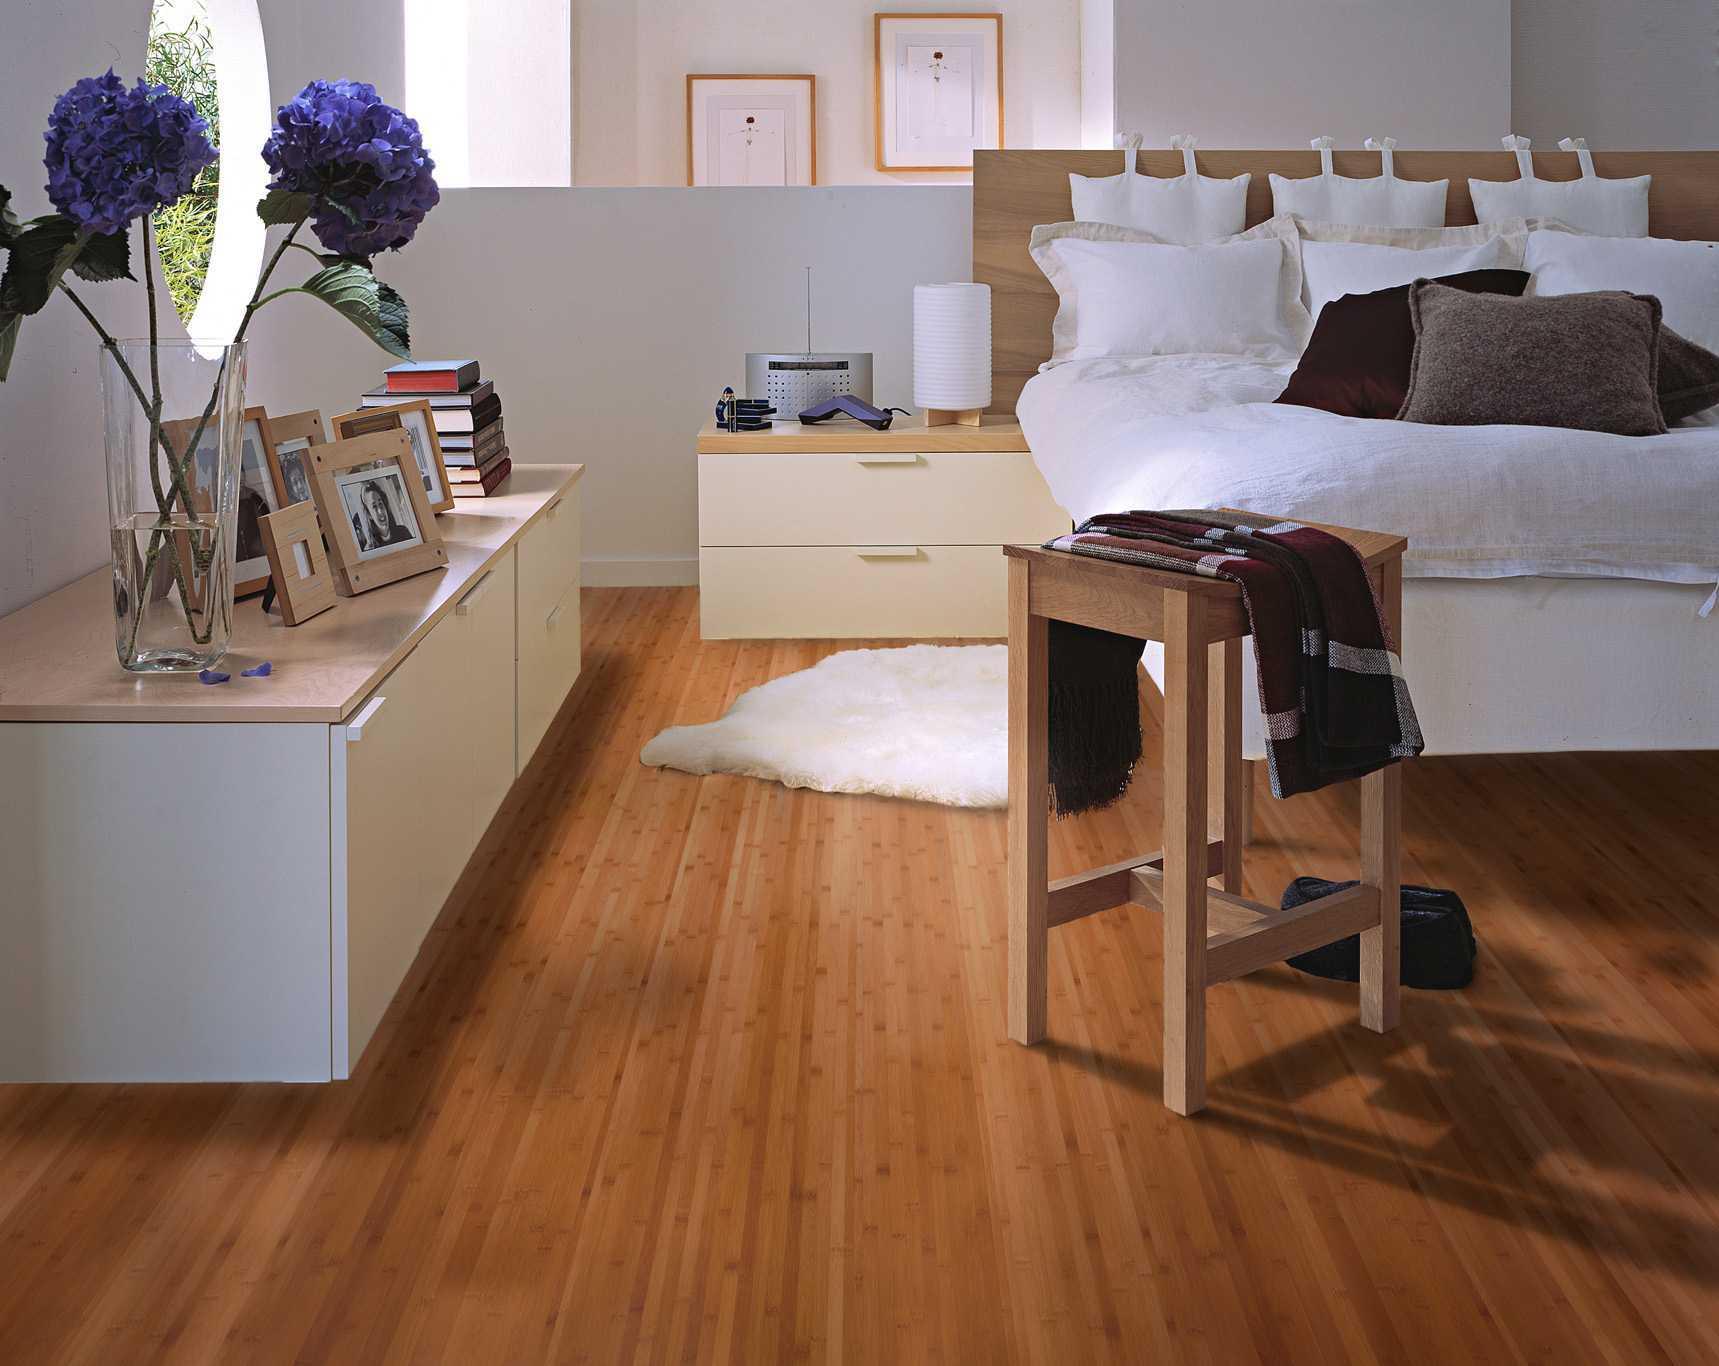 如果不得已选在夏季施工,一定要避免地板被阳光暴晒,保证室温低于30 ;冬季施工室温不宜低于16 。成都作为南方城市,铺设地板的条件比北方城市要好,主要采取通风、除湿等方法即可。   铺装的具体方法是:调整地板朝向,由房门开始向房内延伸,地板的最大跨度为6米 8米,超过此限必须留一个收缩缝且使用扣条;墙根、门口压条接口处预留的伸缩缝要大于8毫米;拼接处要求连续、均匀,残胶要及时清理;踢脚线必须达到12毫米厚,否则难以掩盖收缩缝;铝合金压条的厚度应该保证在2毫米以上,过薄容易翘起变形。此外,入住后,地板最好